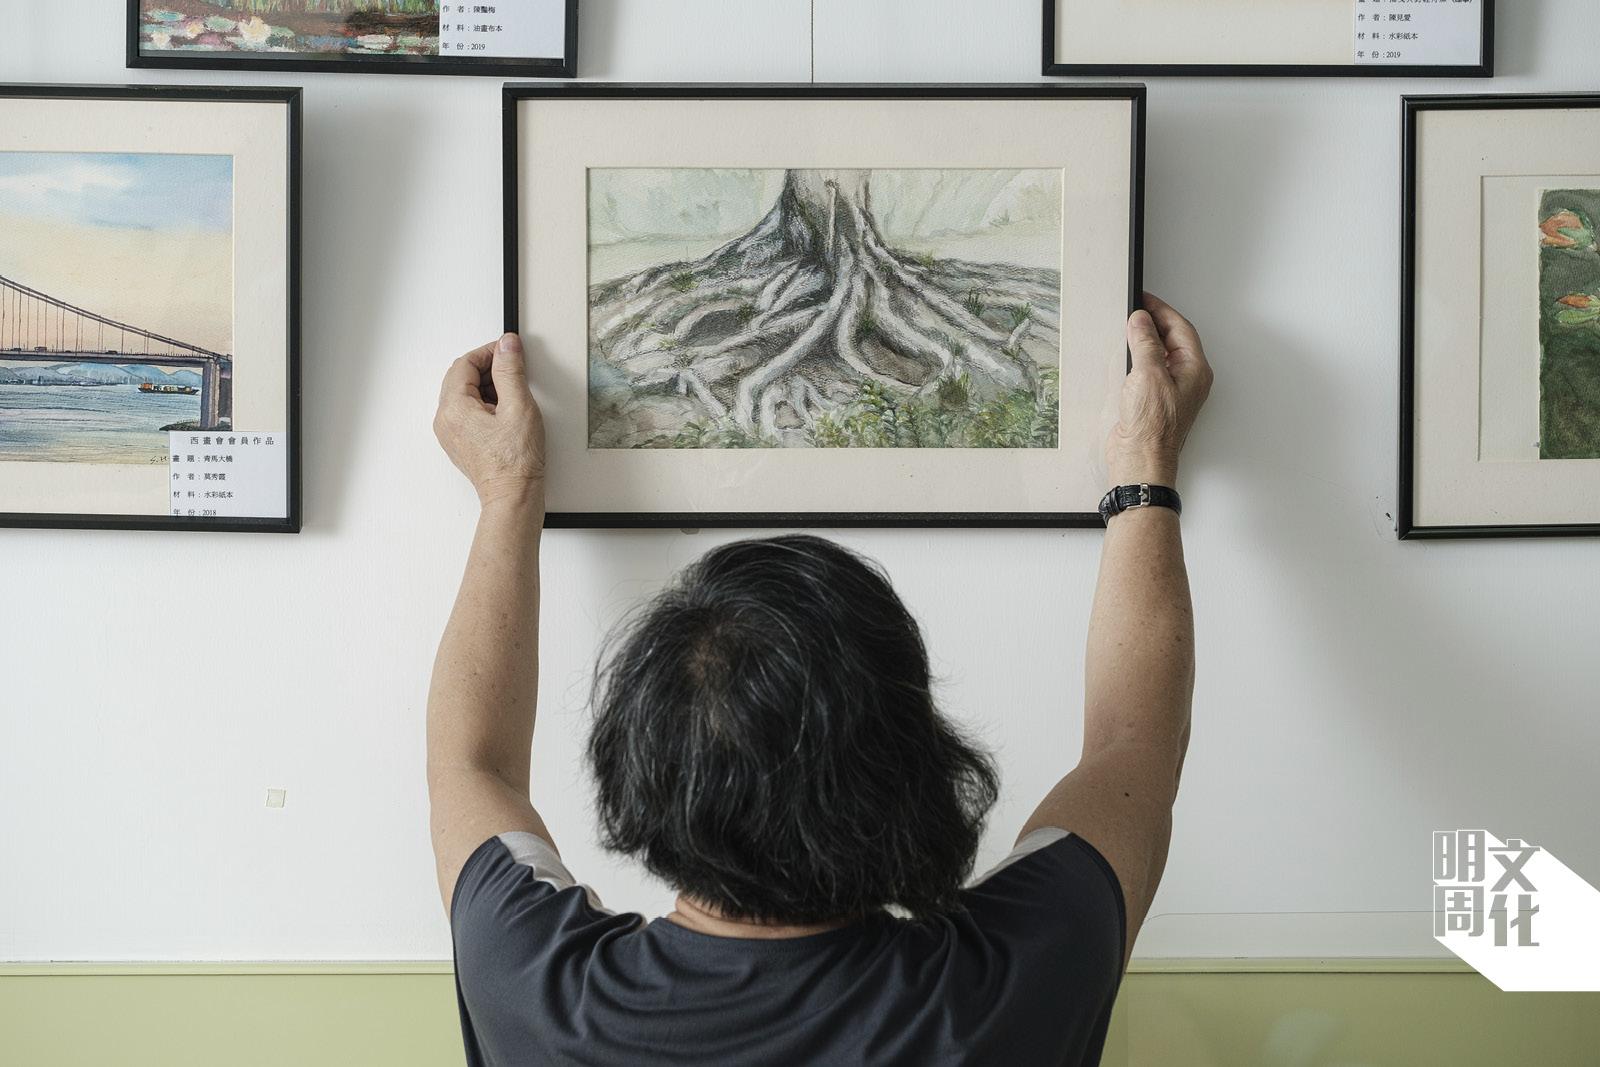 那天,她畫的老榕樹的根。